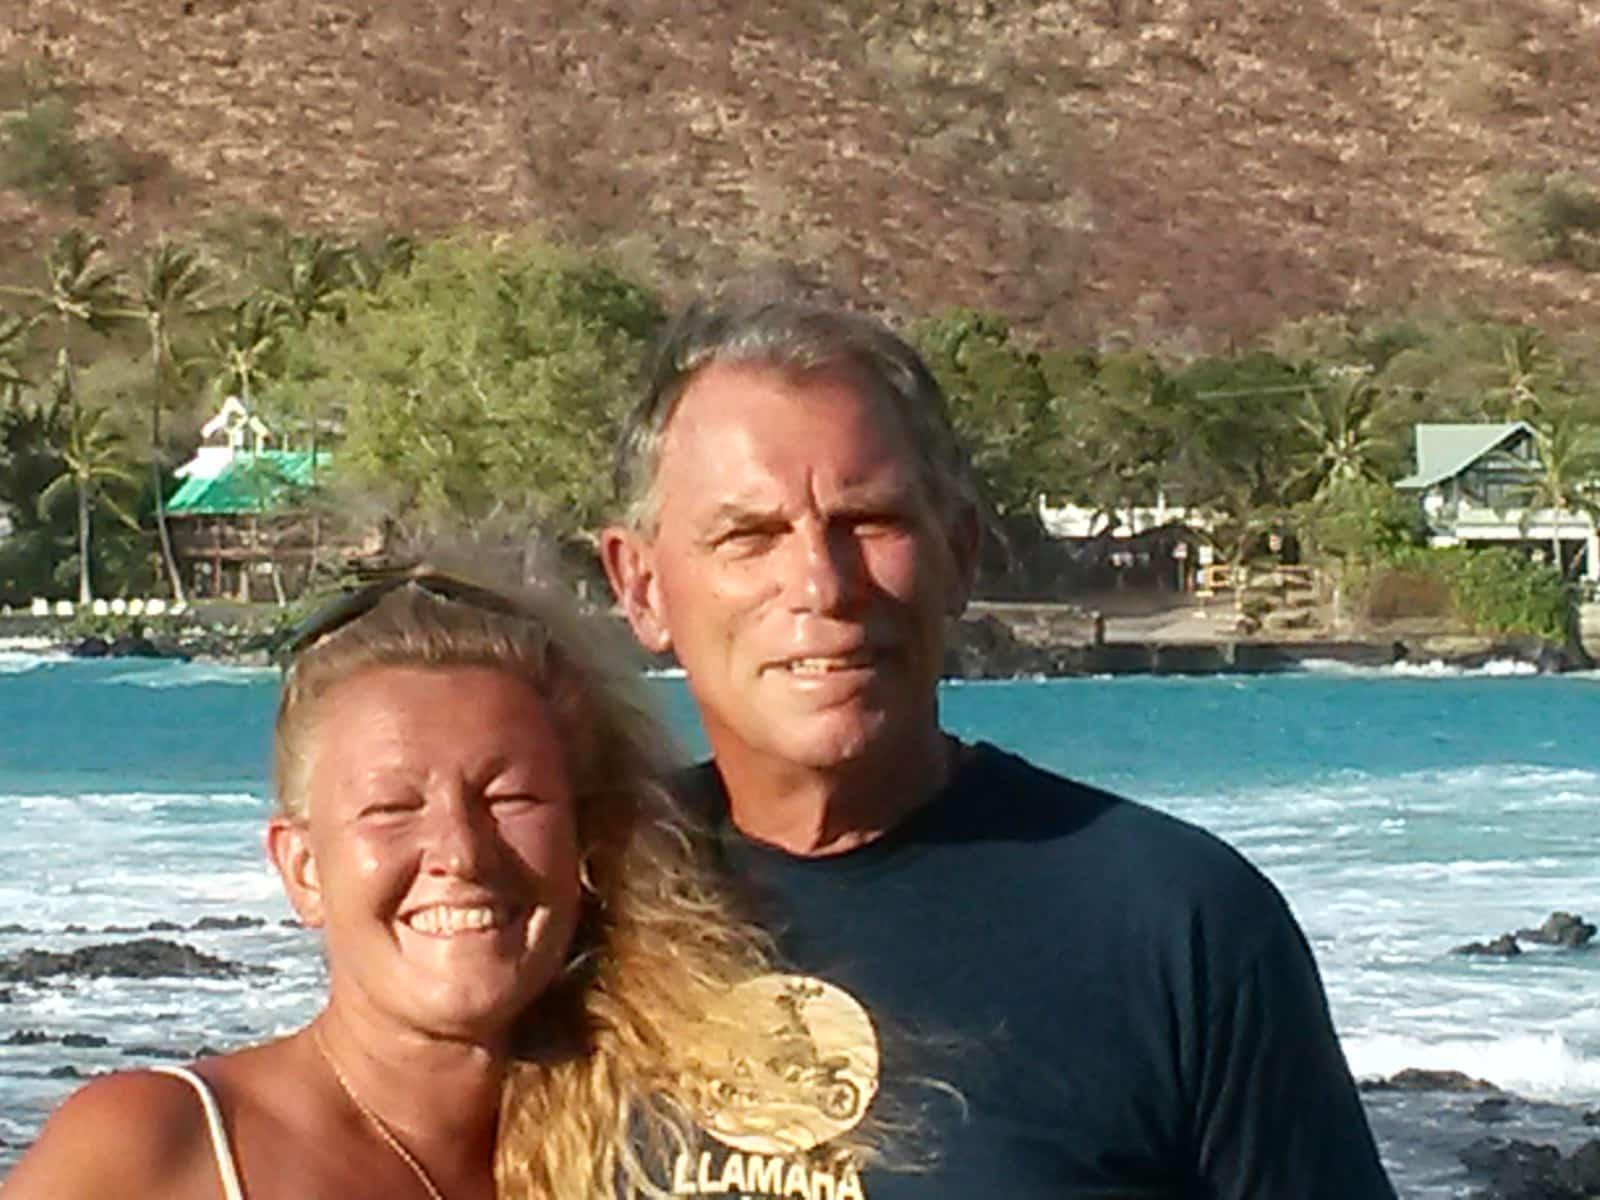 Manuela & Malama from Kailua-Kona, Hawaii, United States